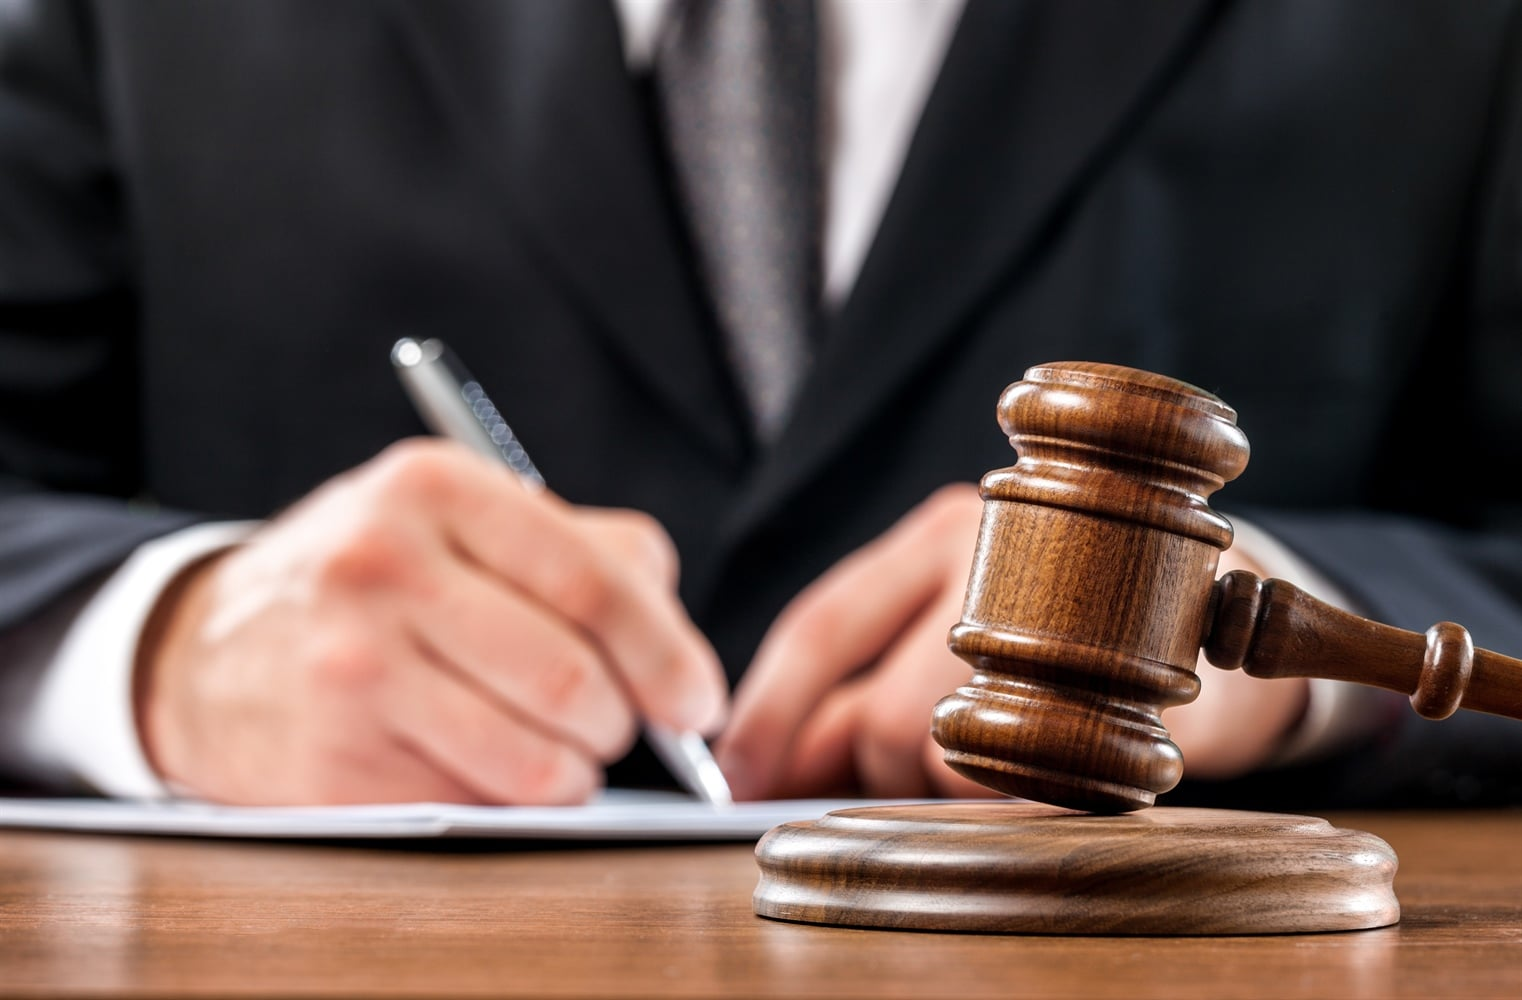 Rechtsanwälte Kotz - Ihr zuverlässiger Partner in allen Rechtsfragen